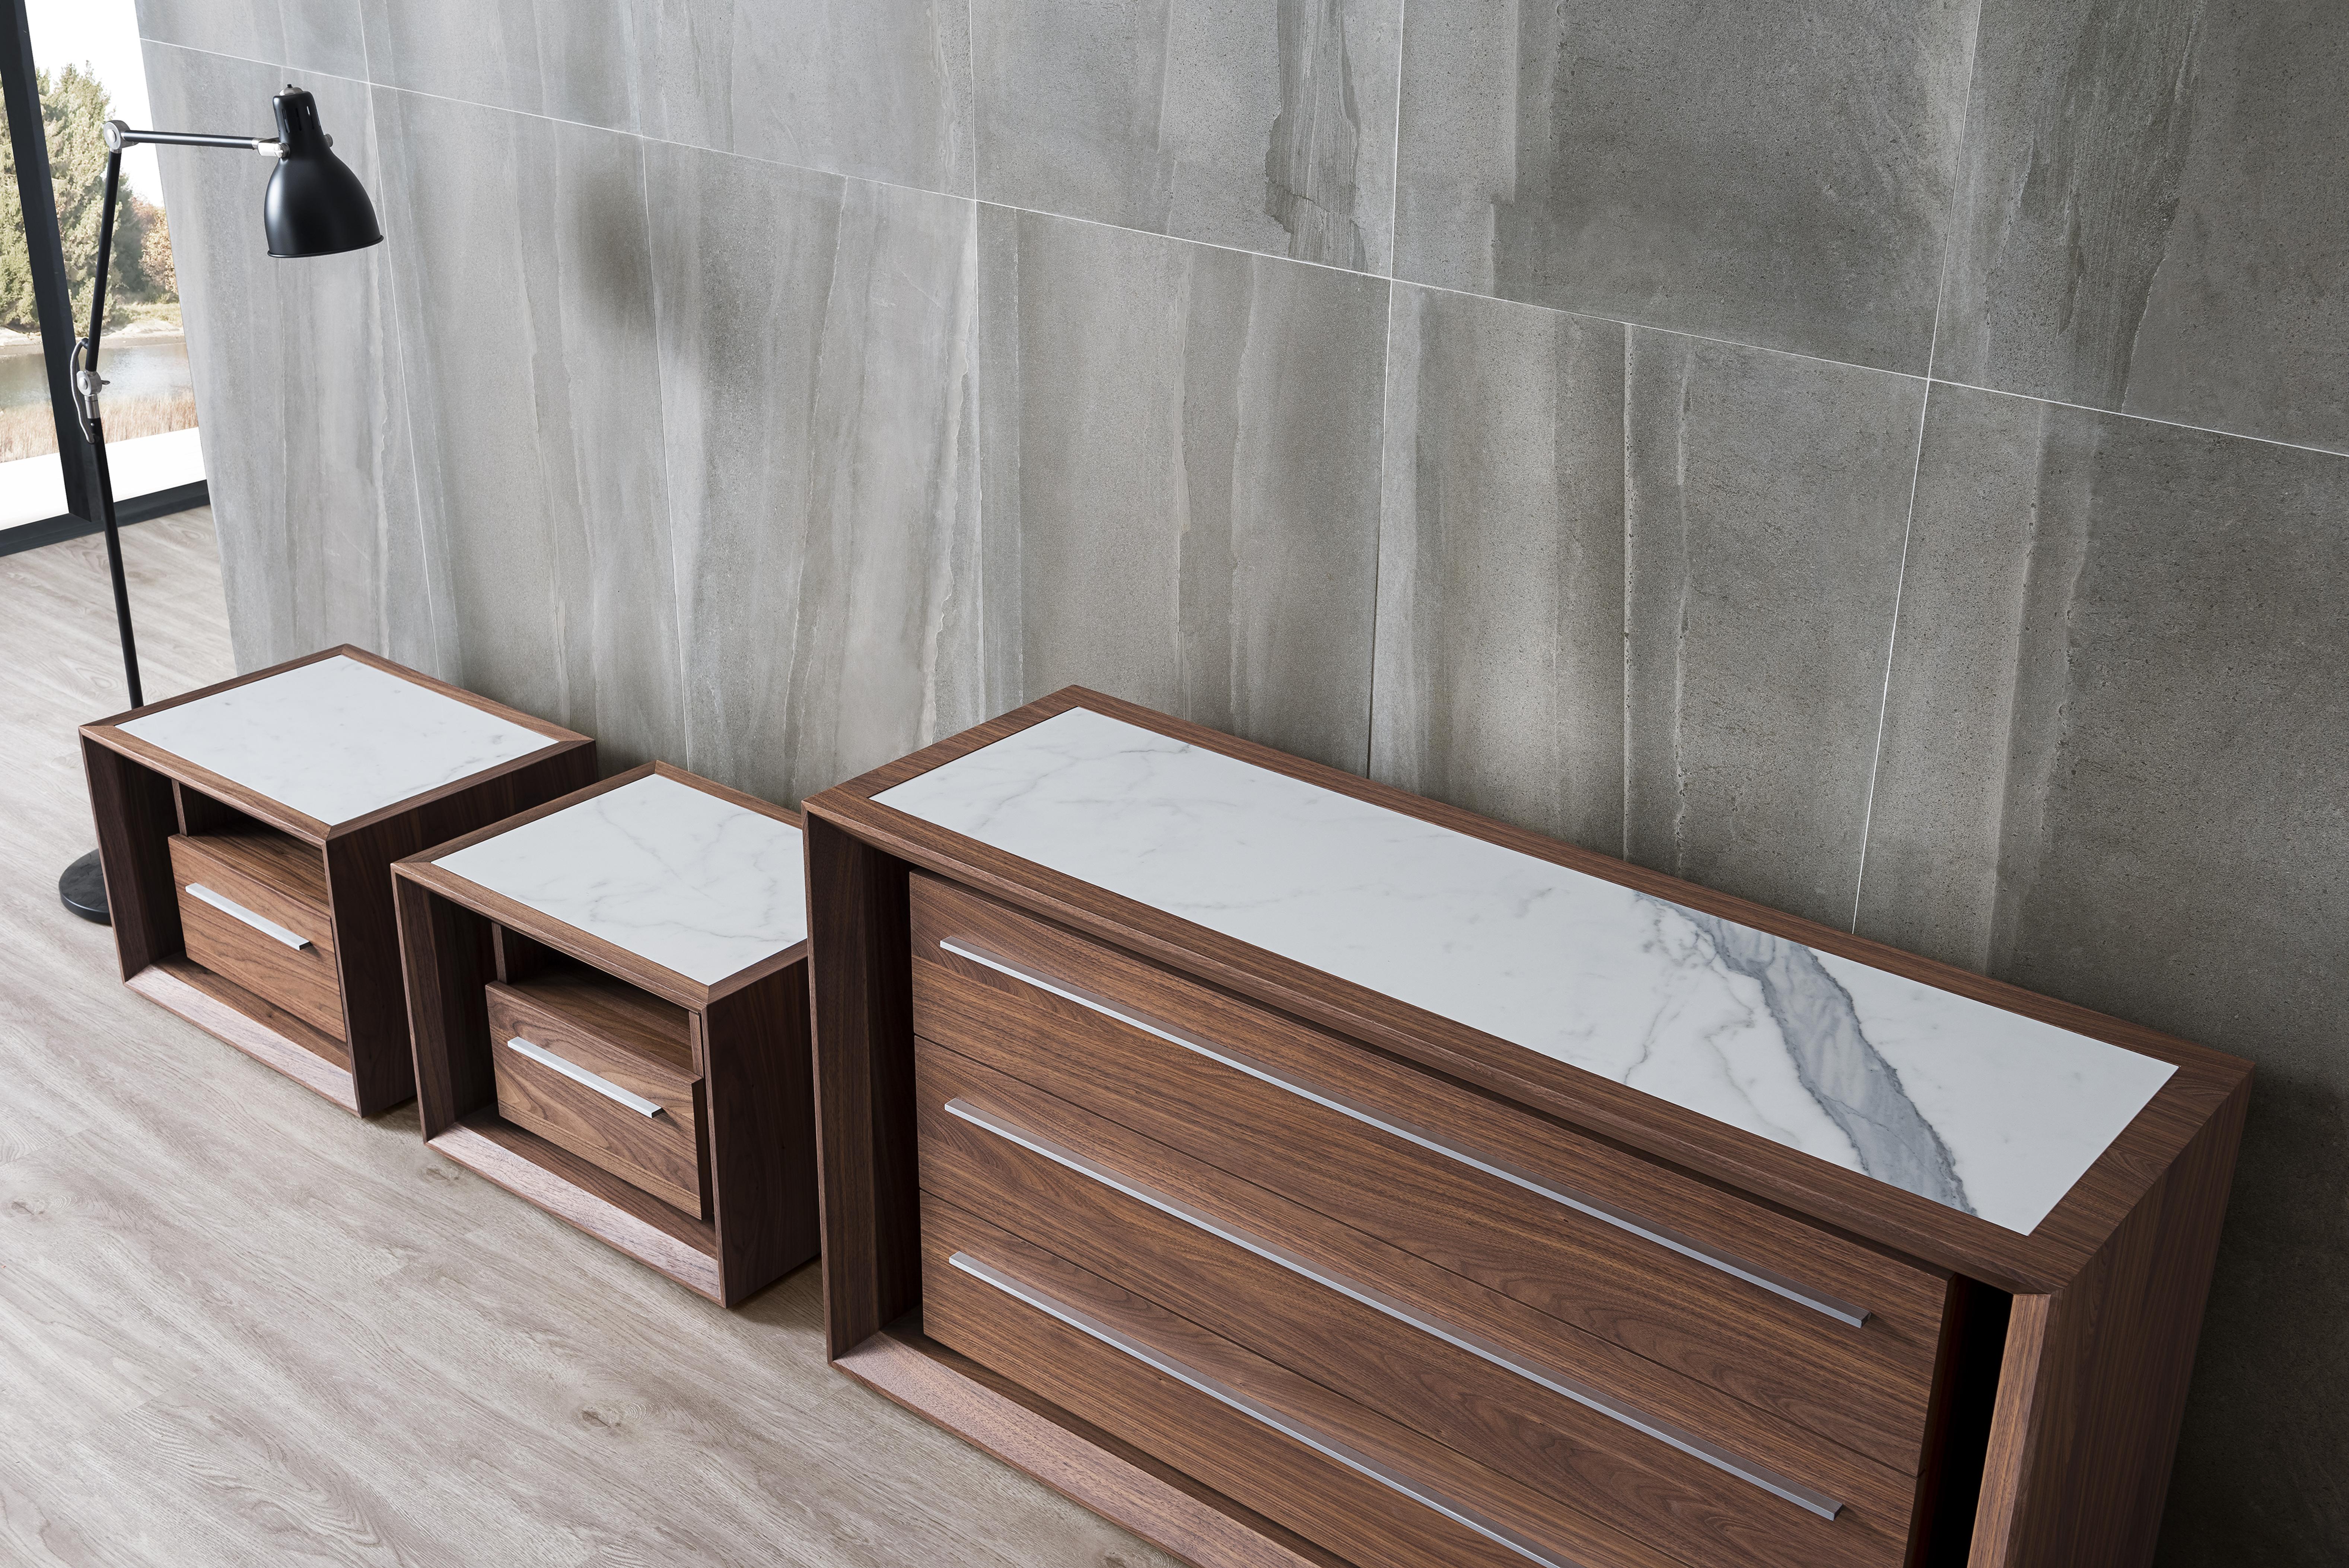 Malibu Timber Dresser with Venato Stone Insert